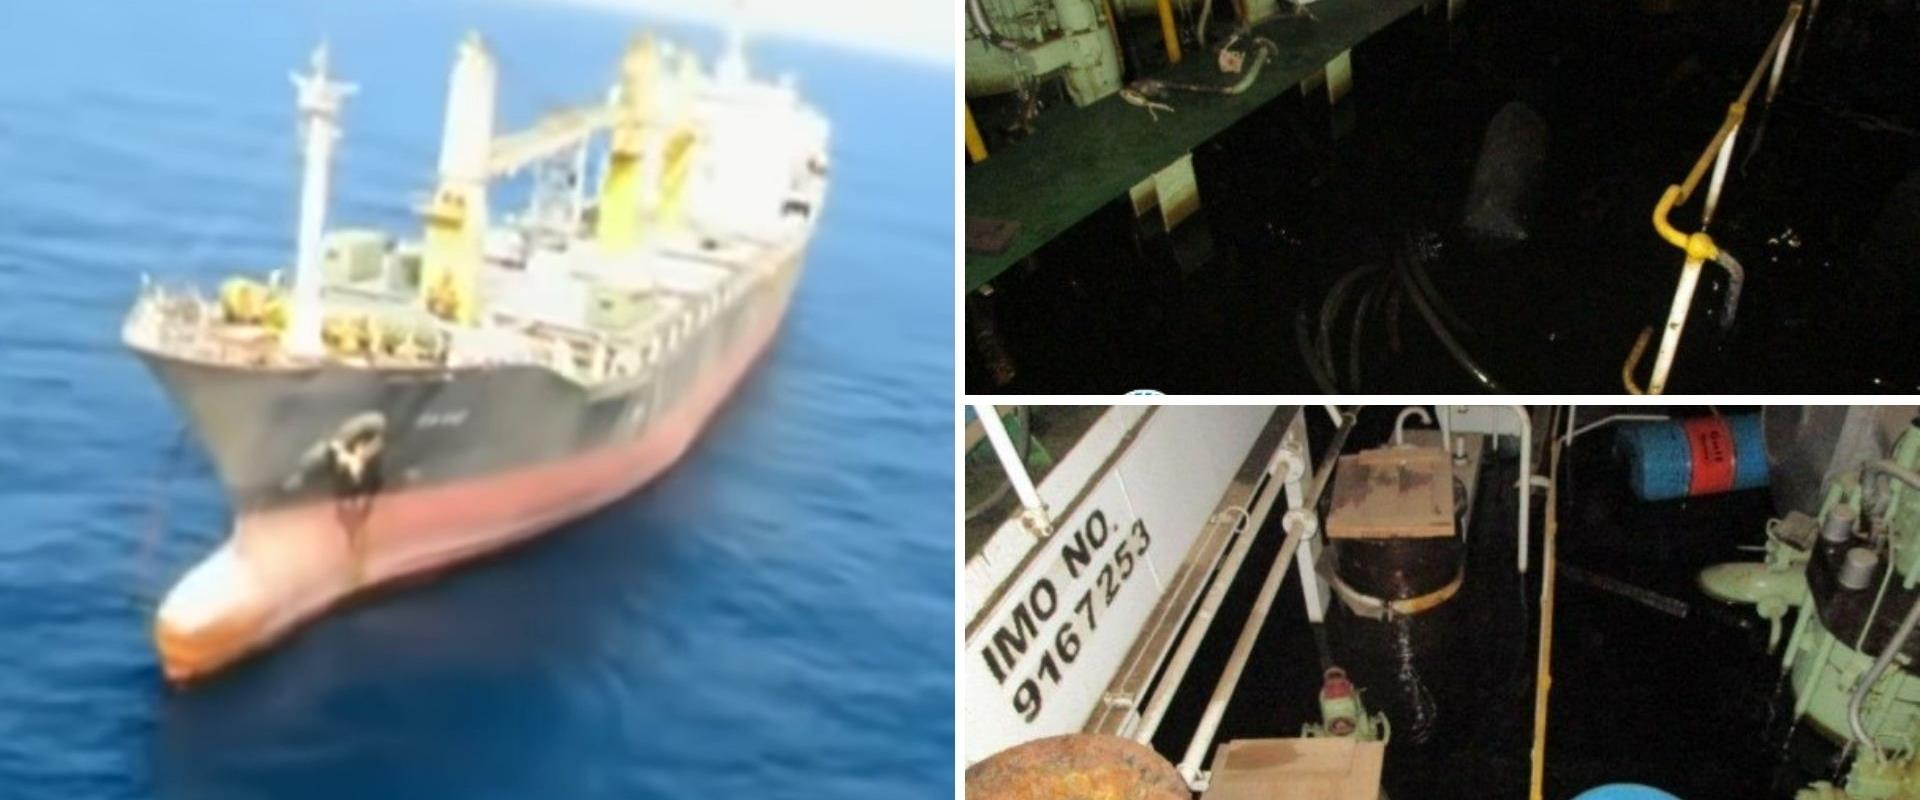 הספינה שנפגעה בים האדום